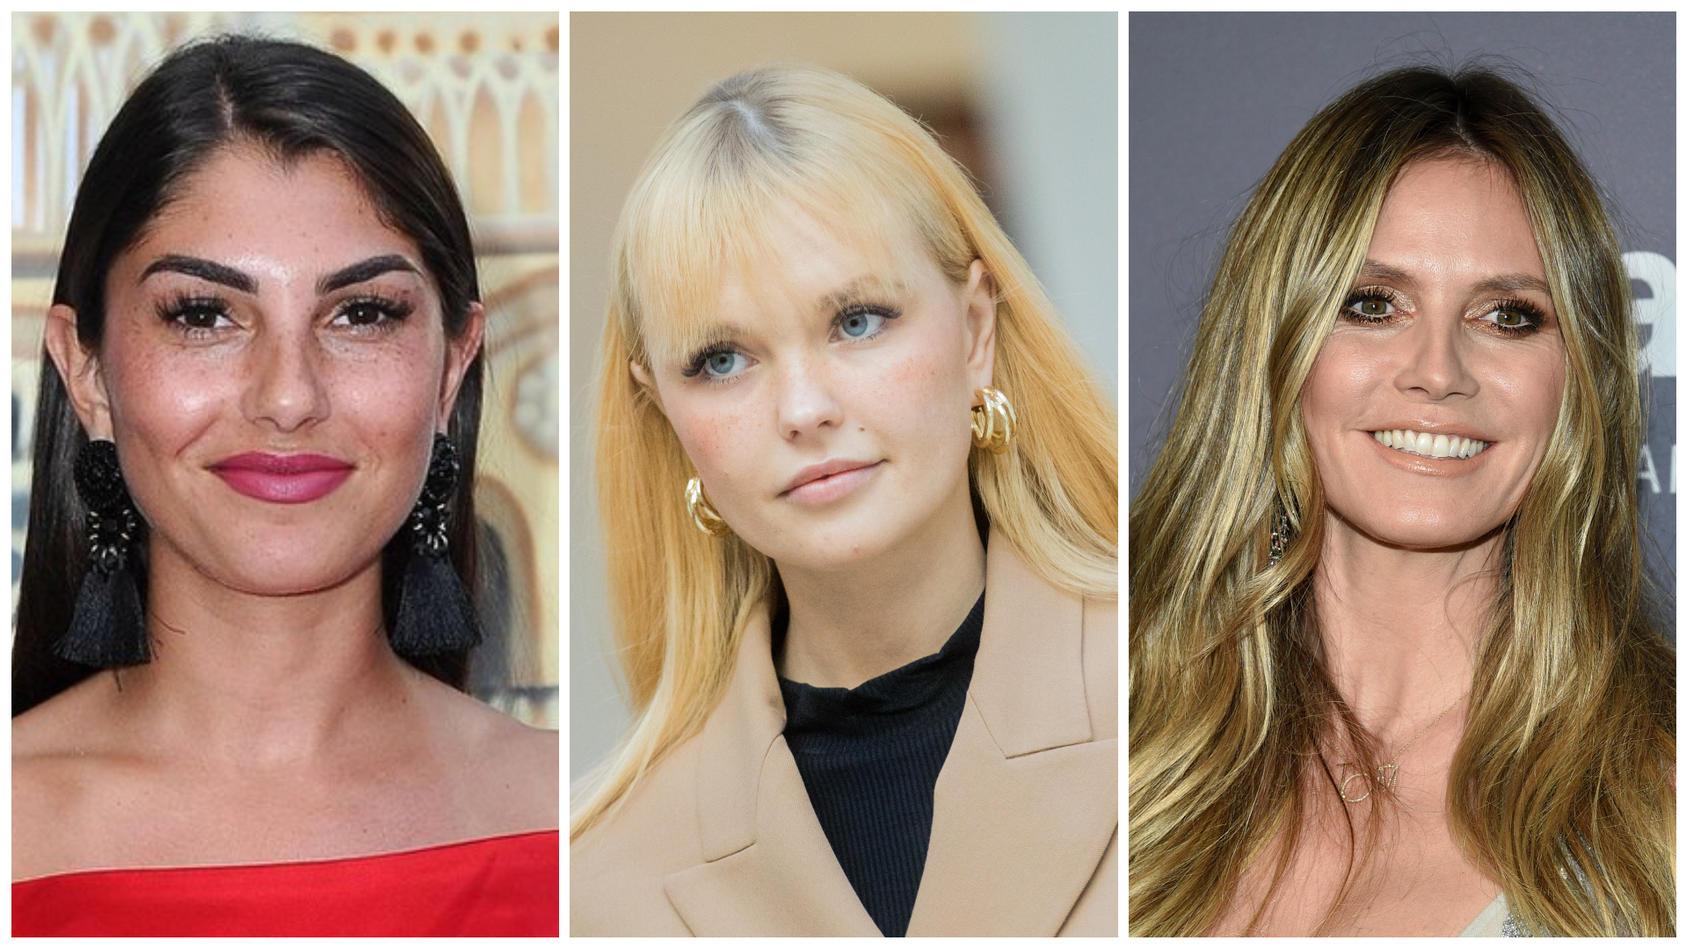 Yeliz Koc, Bonnie Strange und Heidi Klum teilen das gleiche Schicksal.